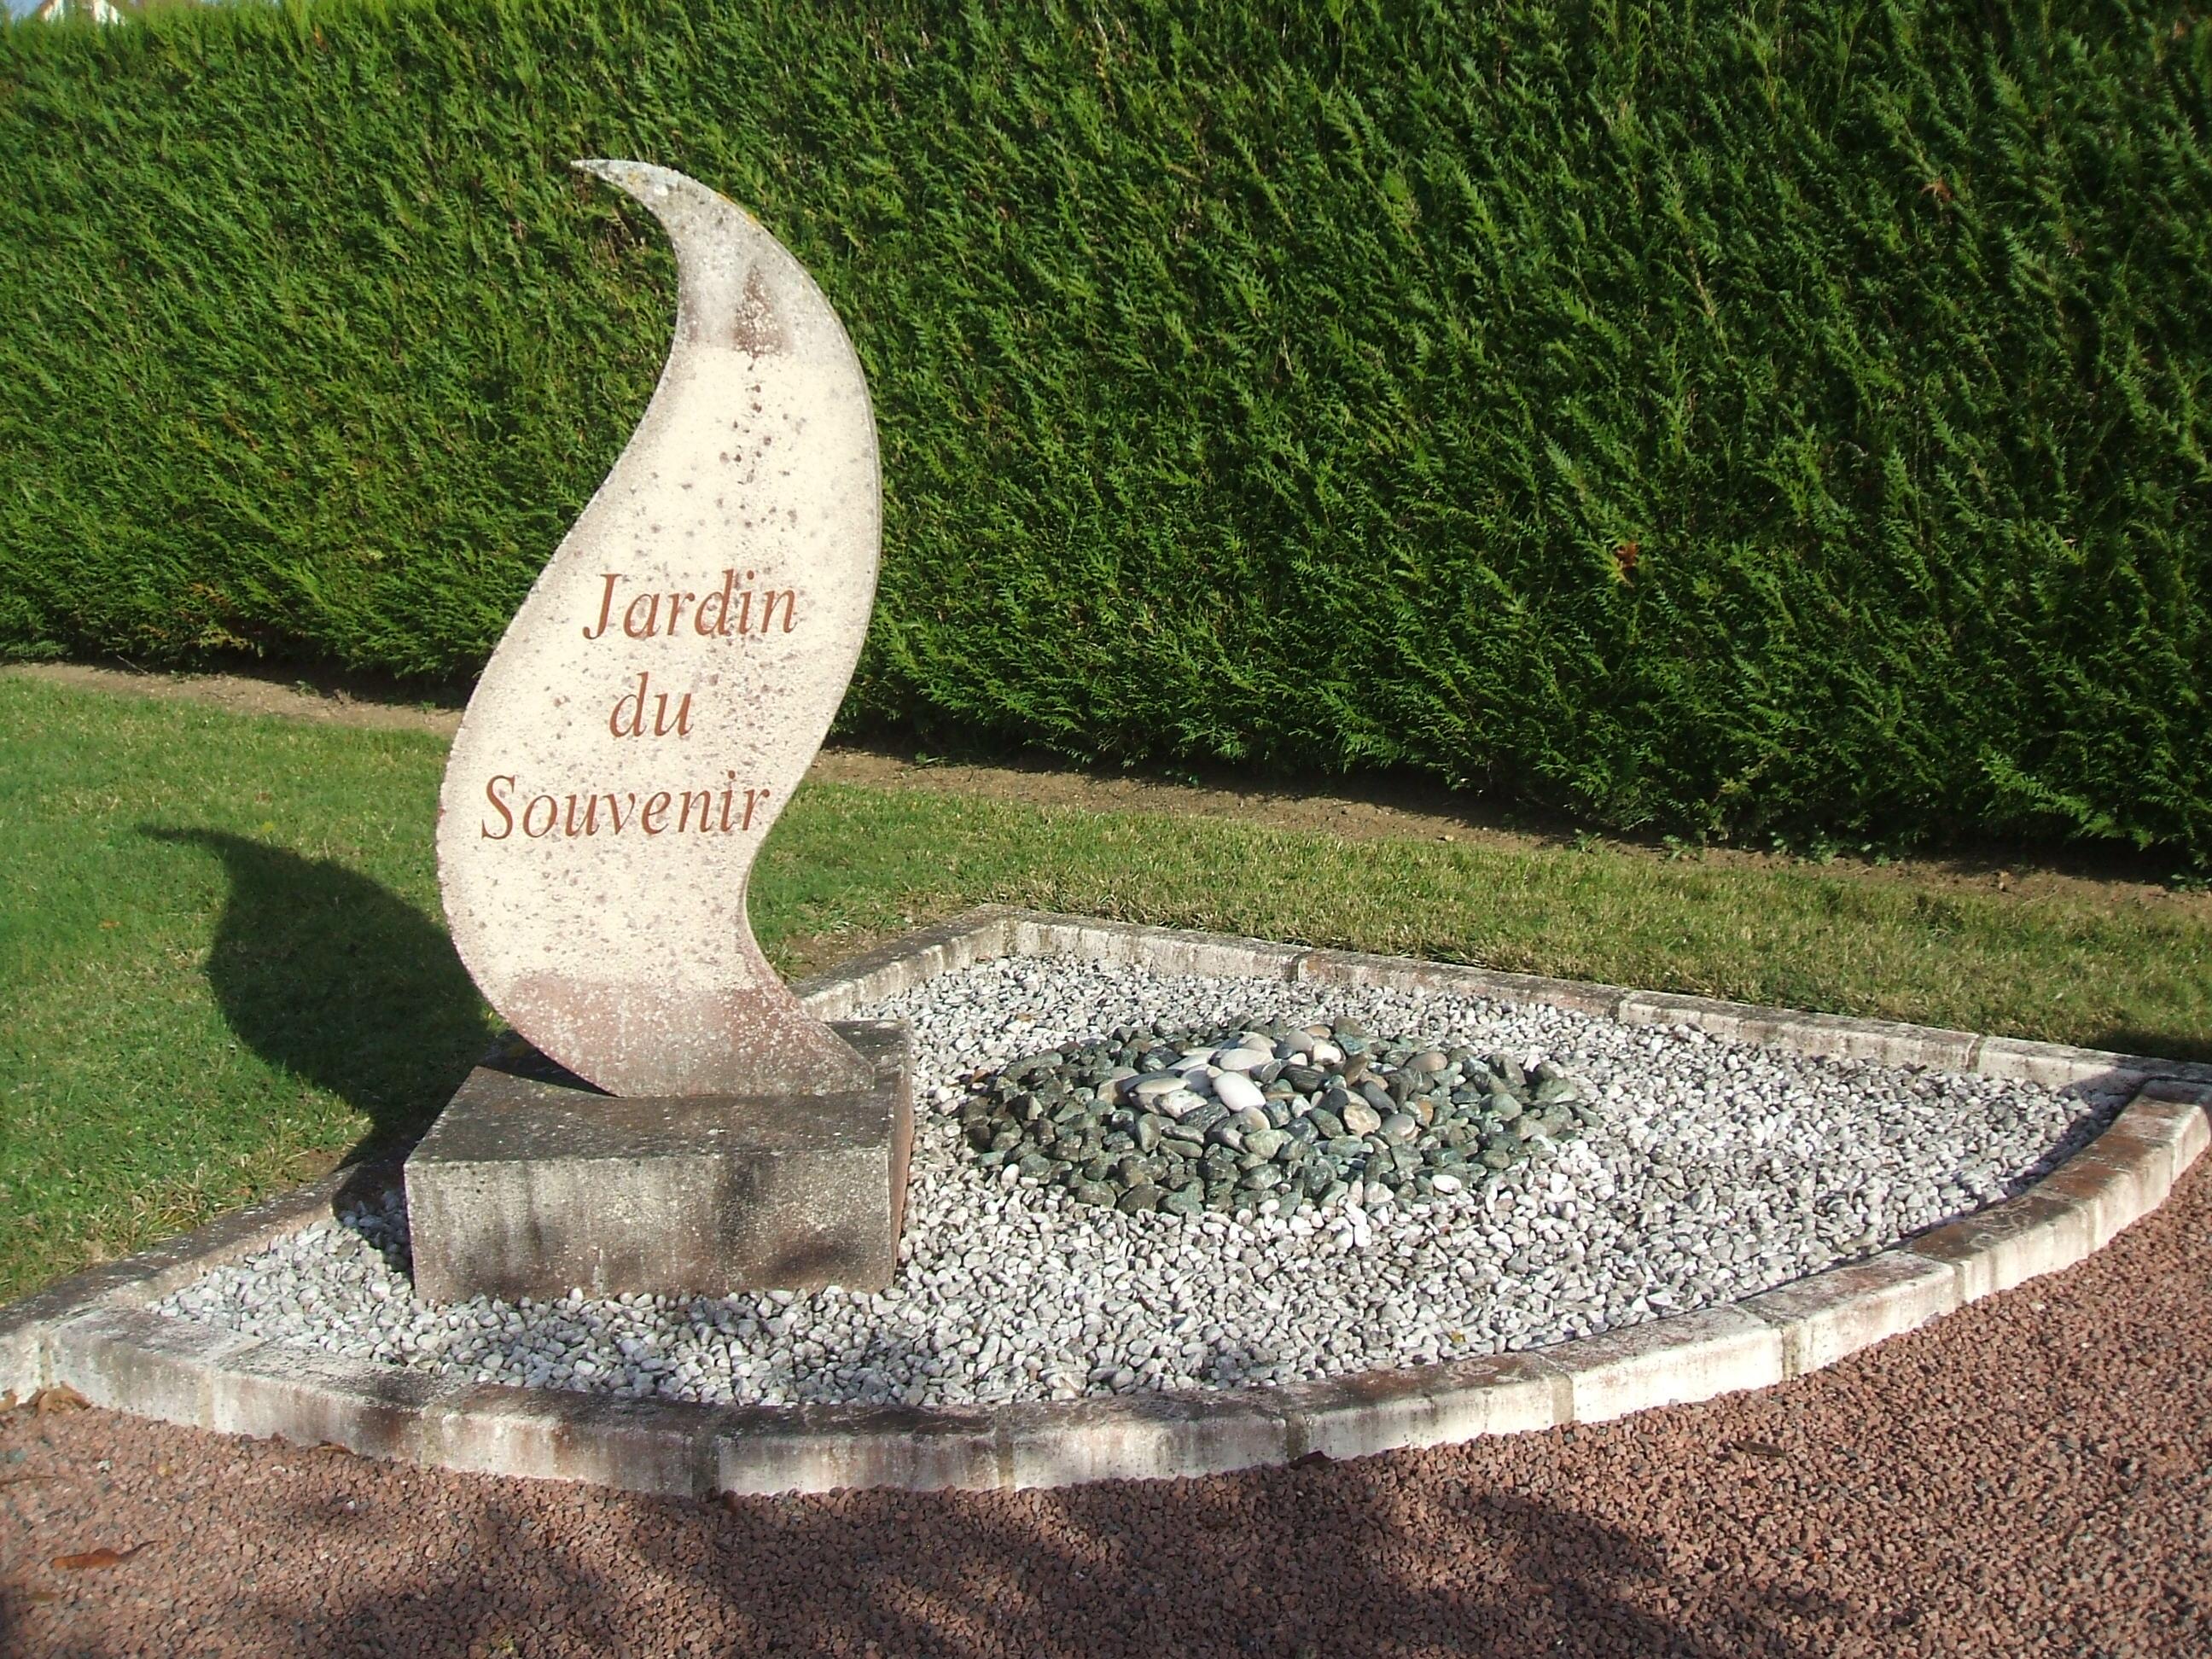 Jardin du Souvenir Mairie de Monnaie dep 37